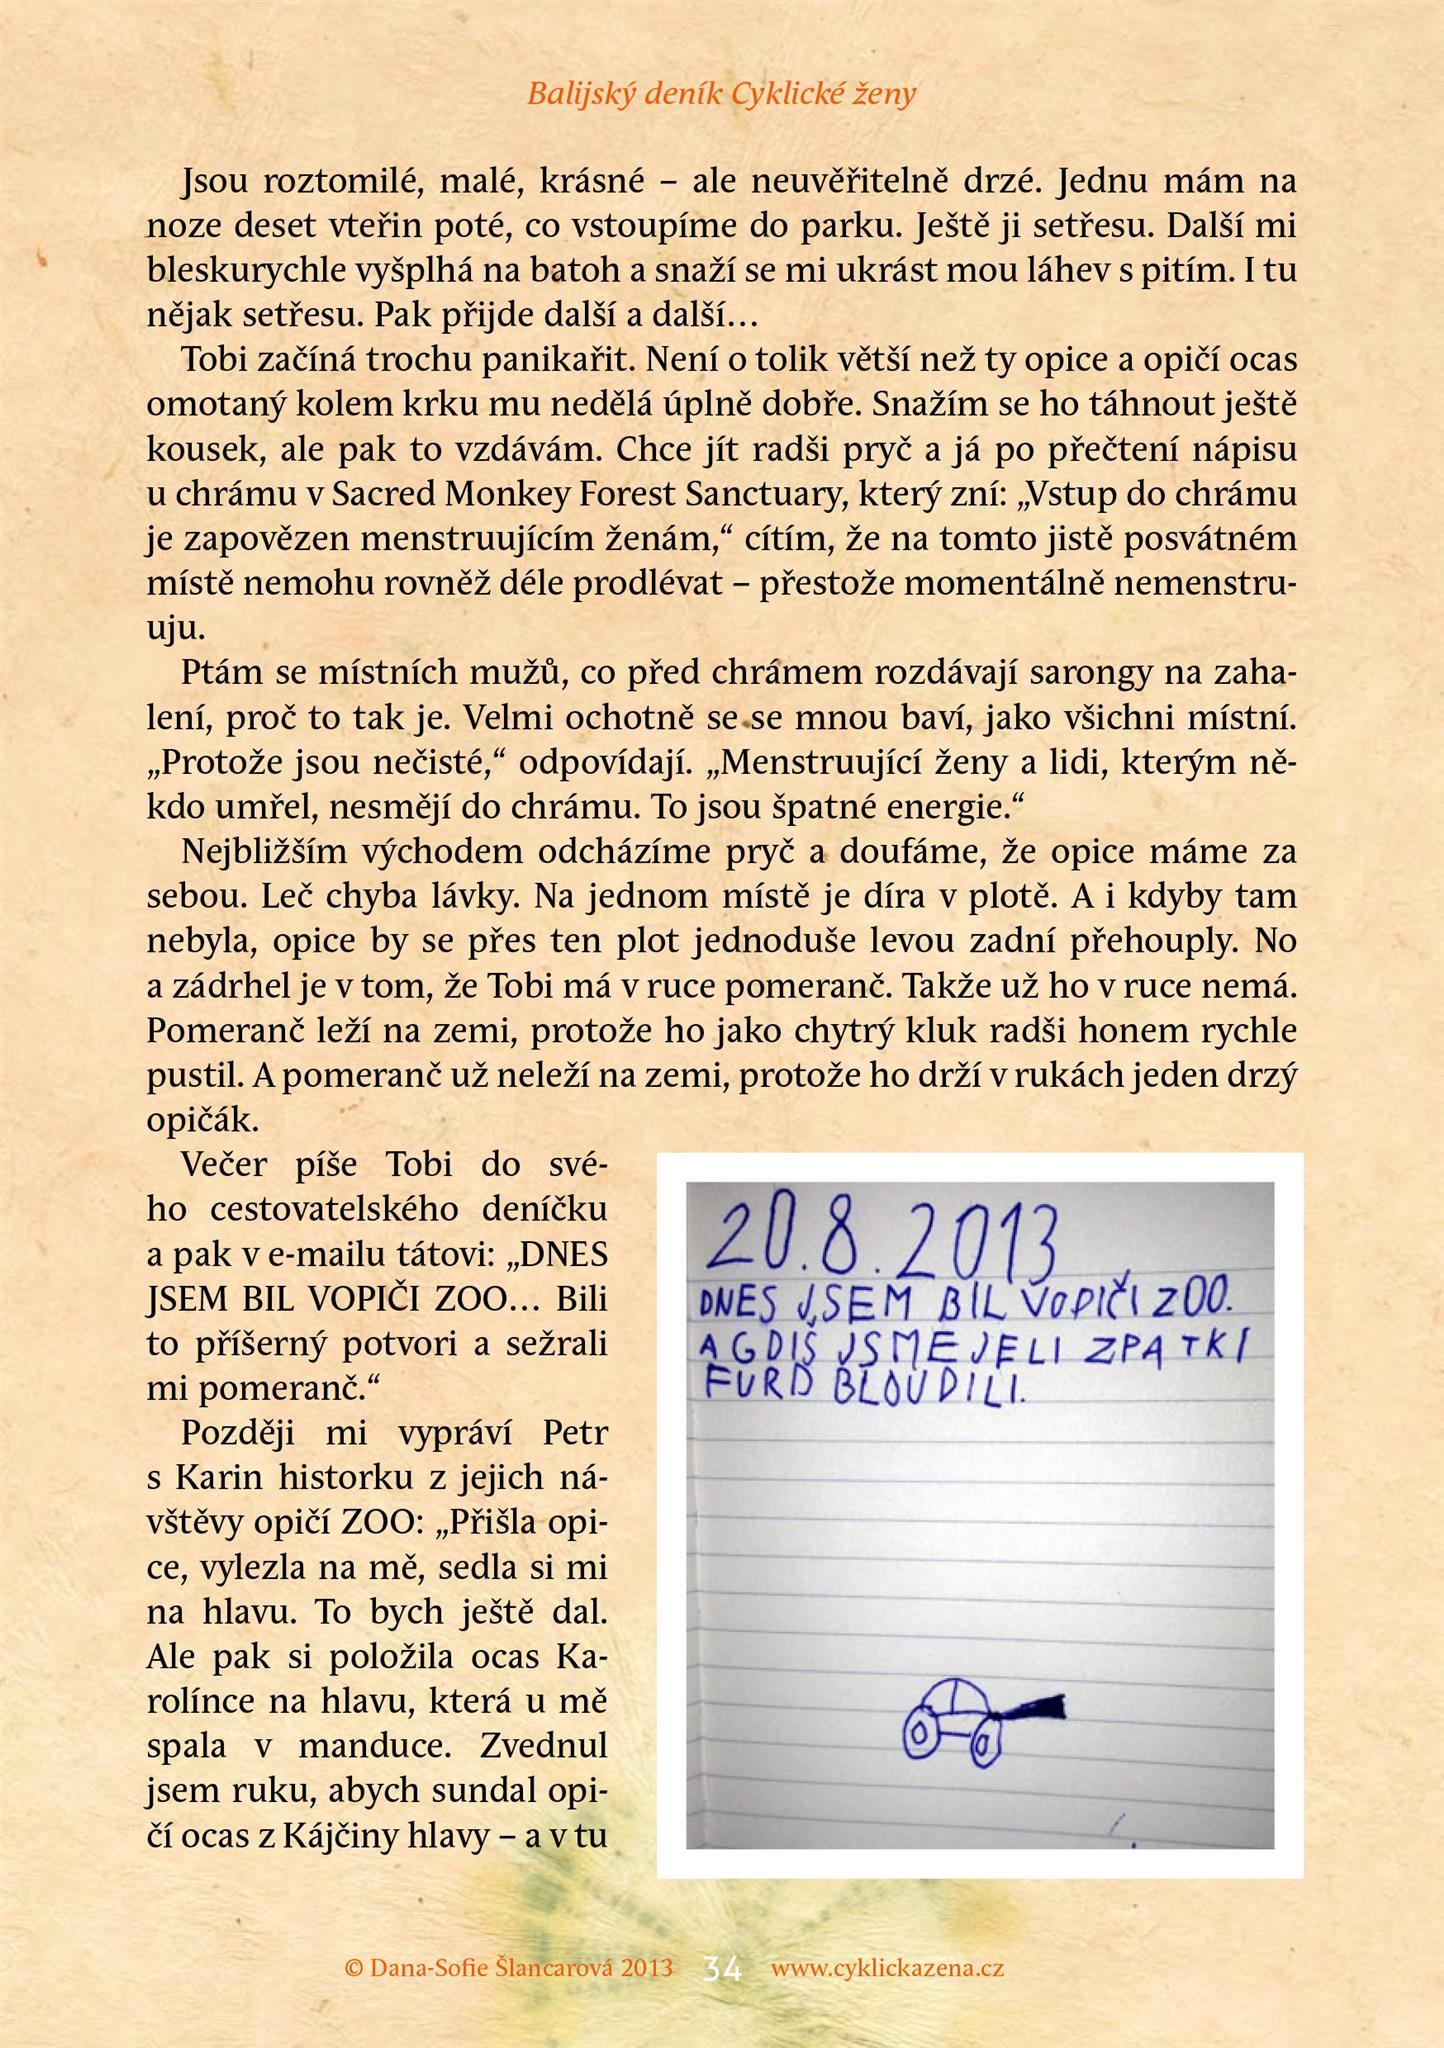 Balijský deník Cyklické ženy, str. 34